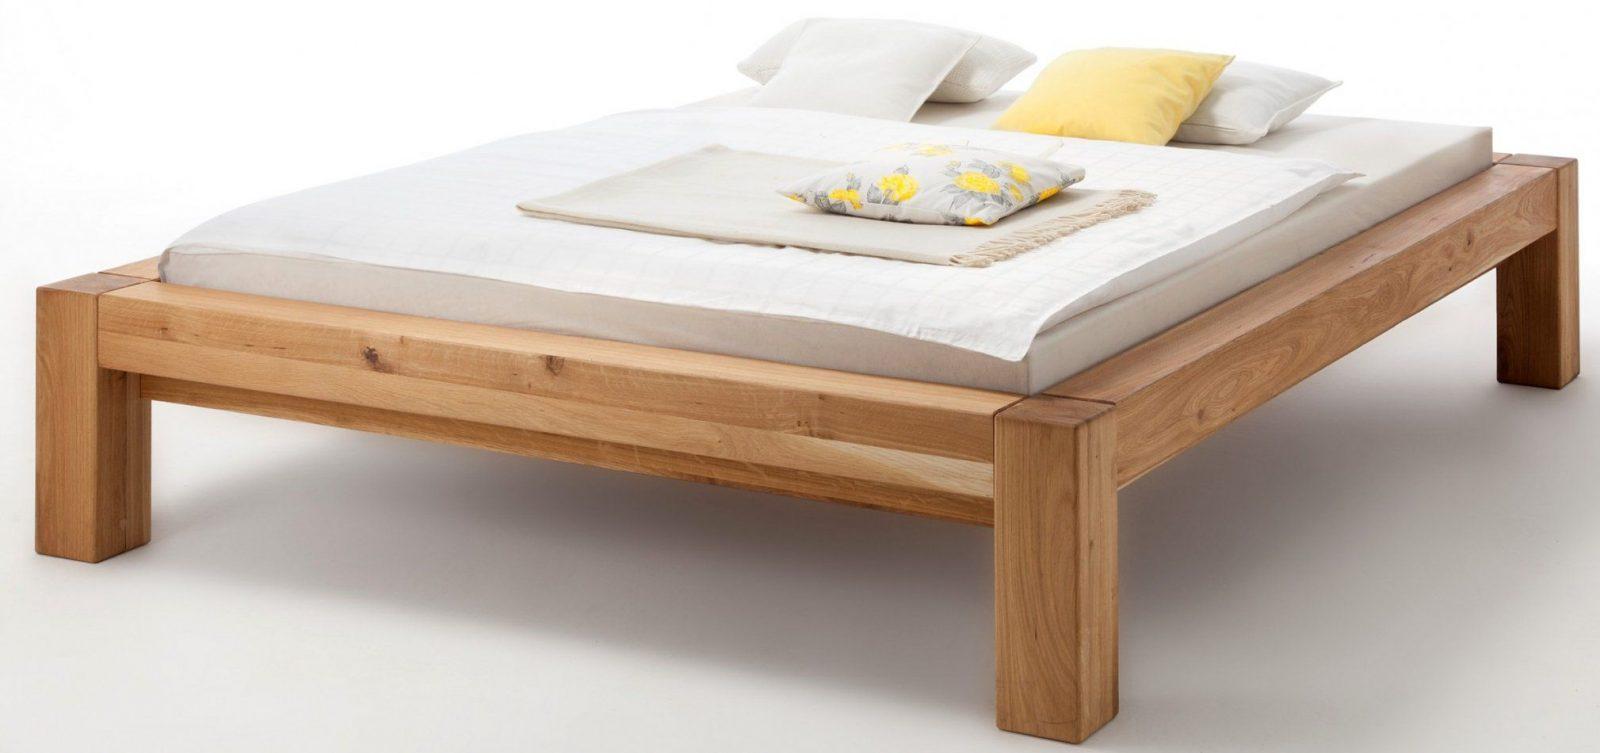 Beliebt Bettgestell 140X200 Holz Ohne Kopfteil Boxspring Bett von Bett Ohne Kopfteil 140X200 Photo